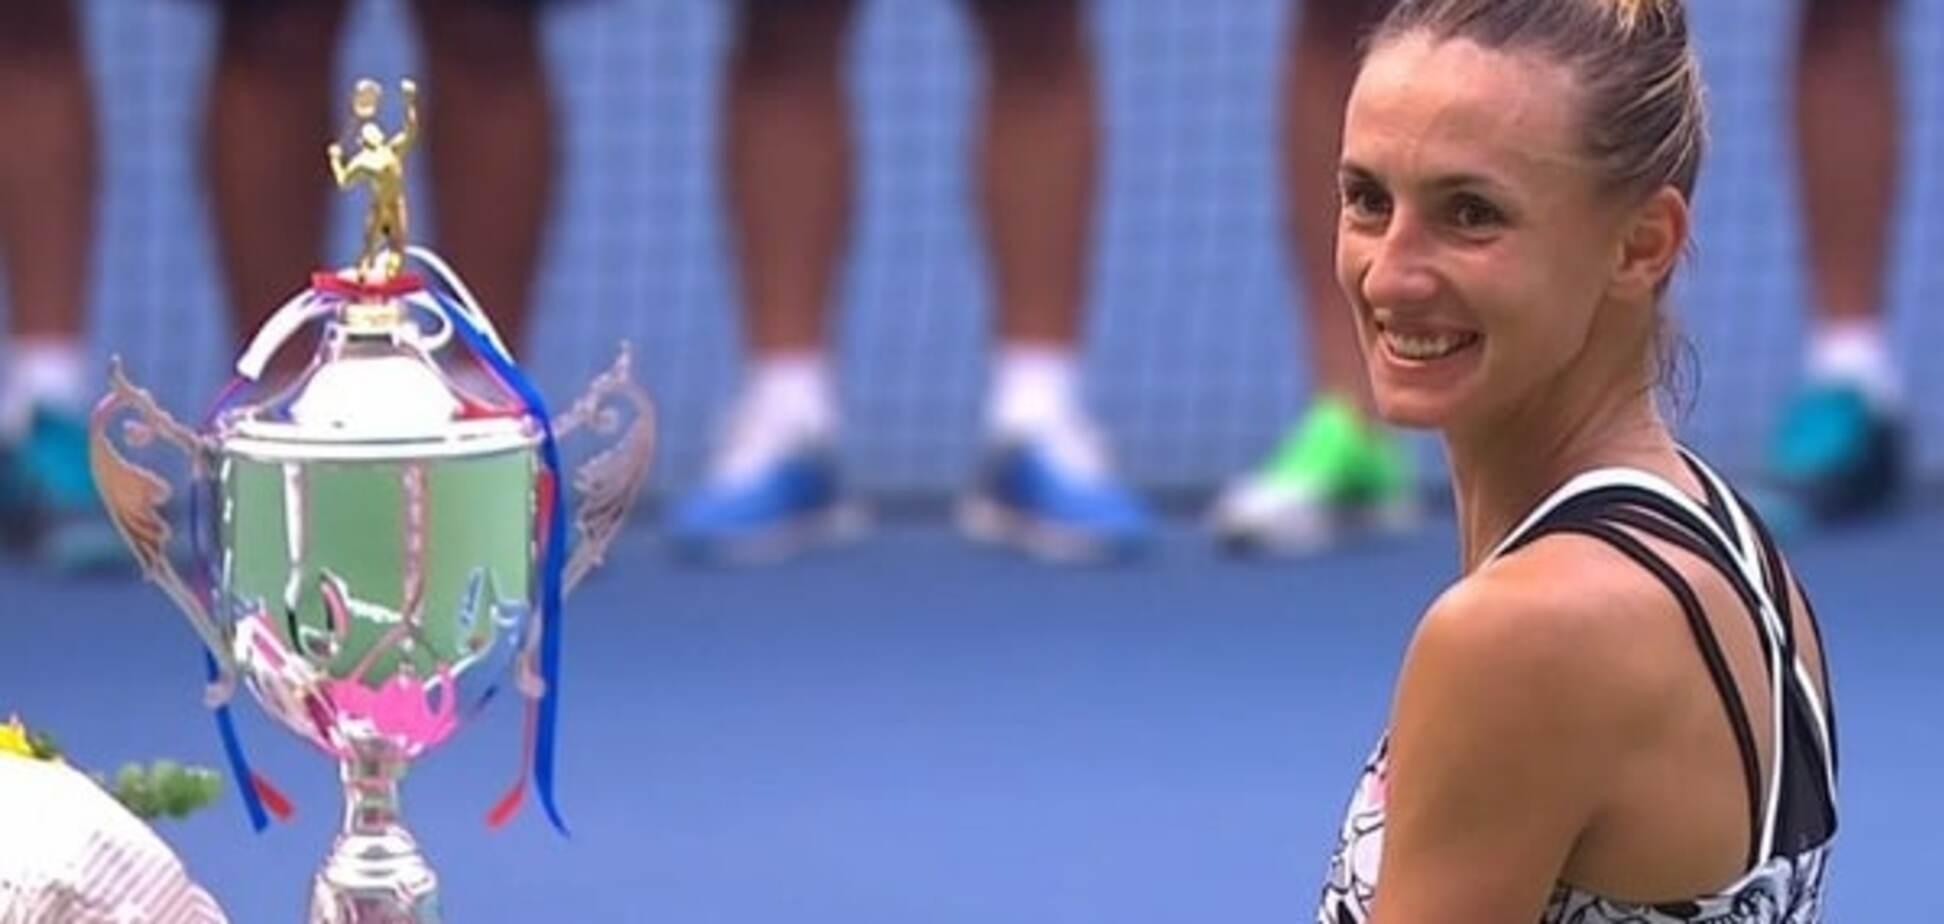 Тріумф дня: українську тенісистку нагородили за перемогу у престижному турнірі